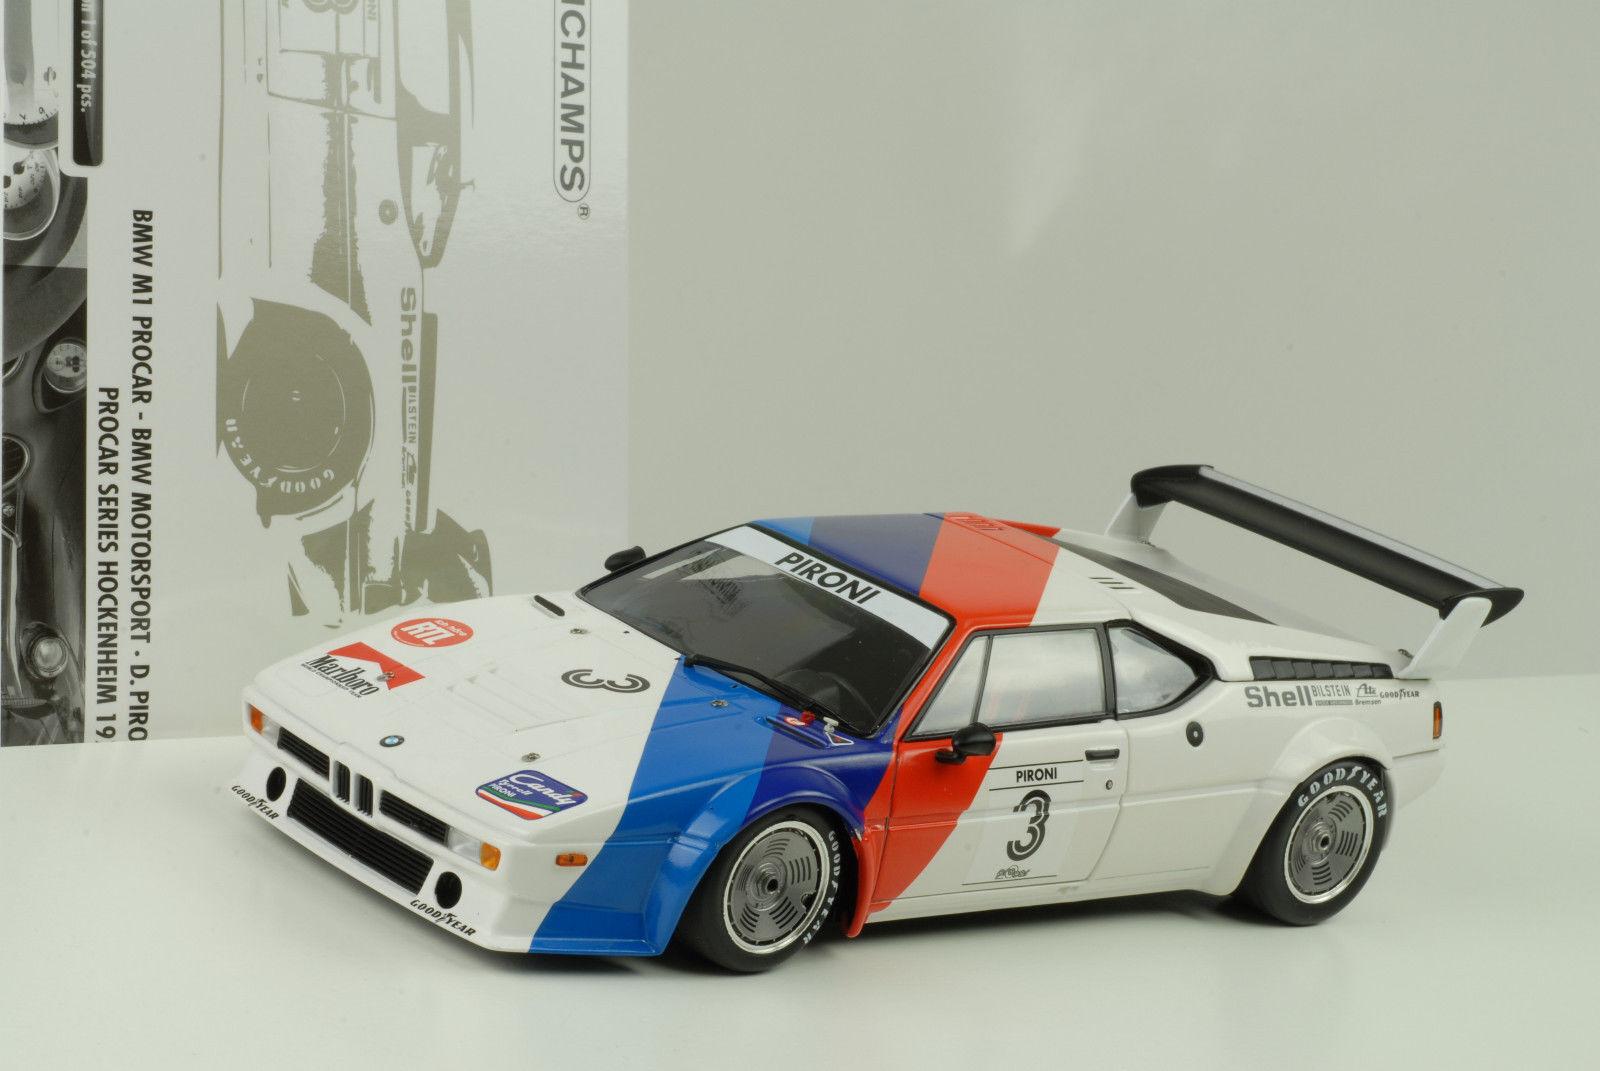 1979 BMW Motorsport Motorsport Motorsport m1 Procar Hockenheim #3 Pironi avec décalques 1:18 Minichamps | Forme élégante  8a10ab